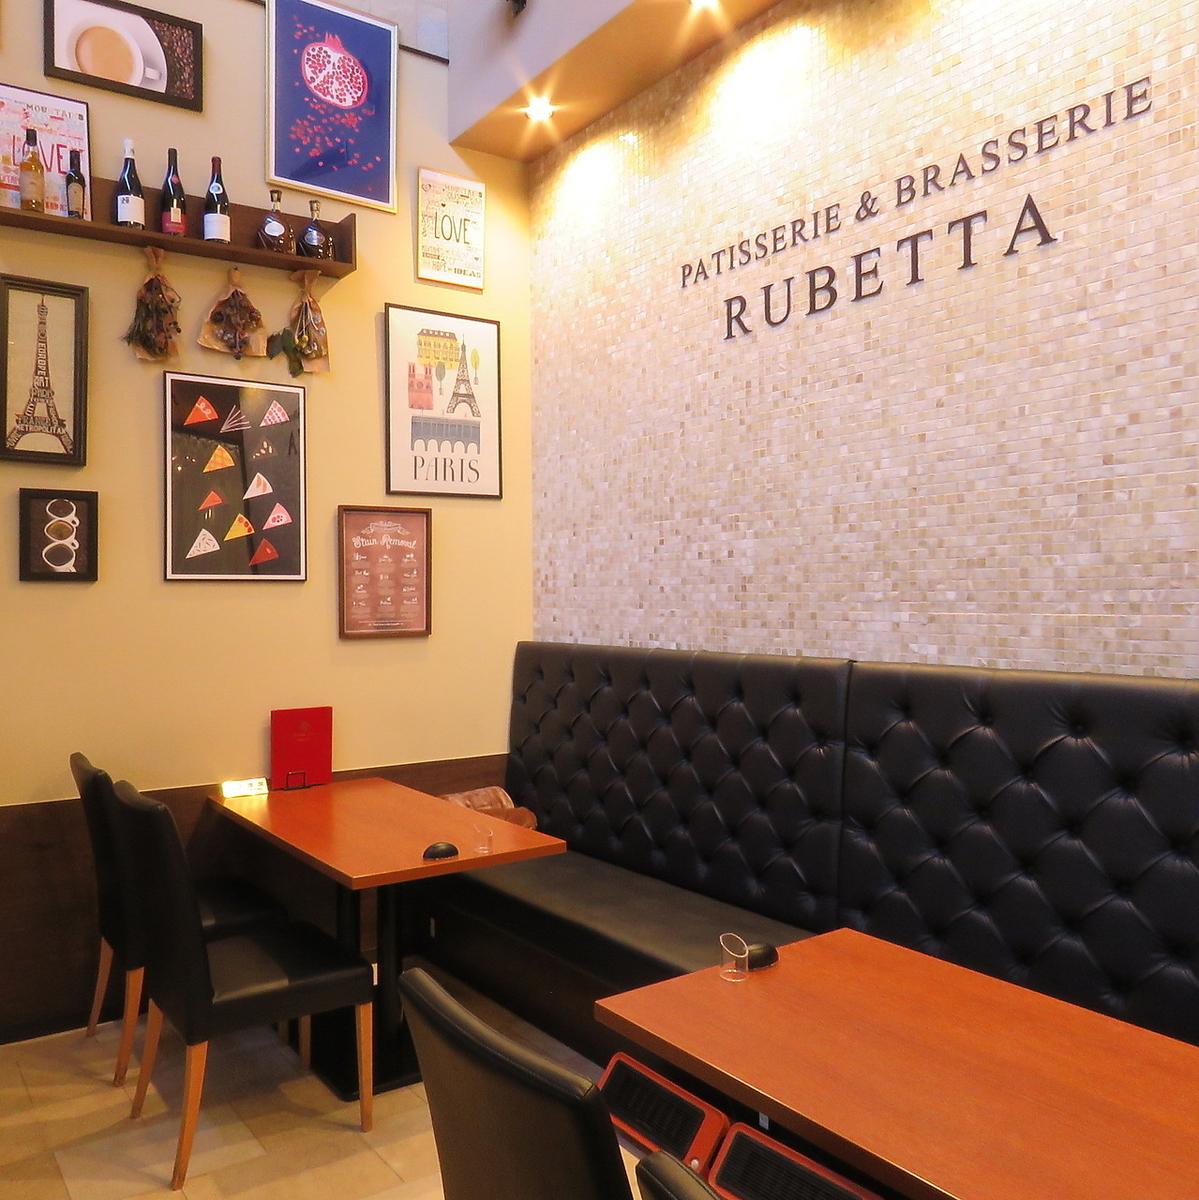 1 층의 카페 공간.20 명까지의 전세 수도 있습니다.수많은 그림과 장식으로 밝고 개방적인 공간입니다.